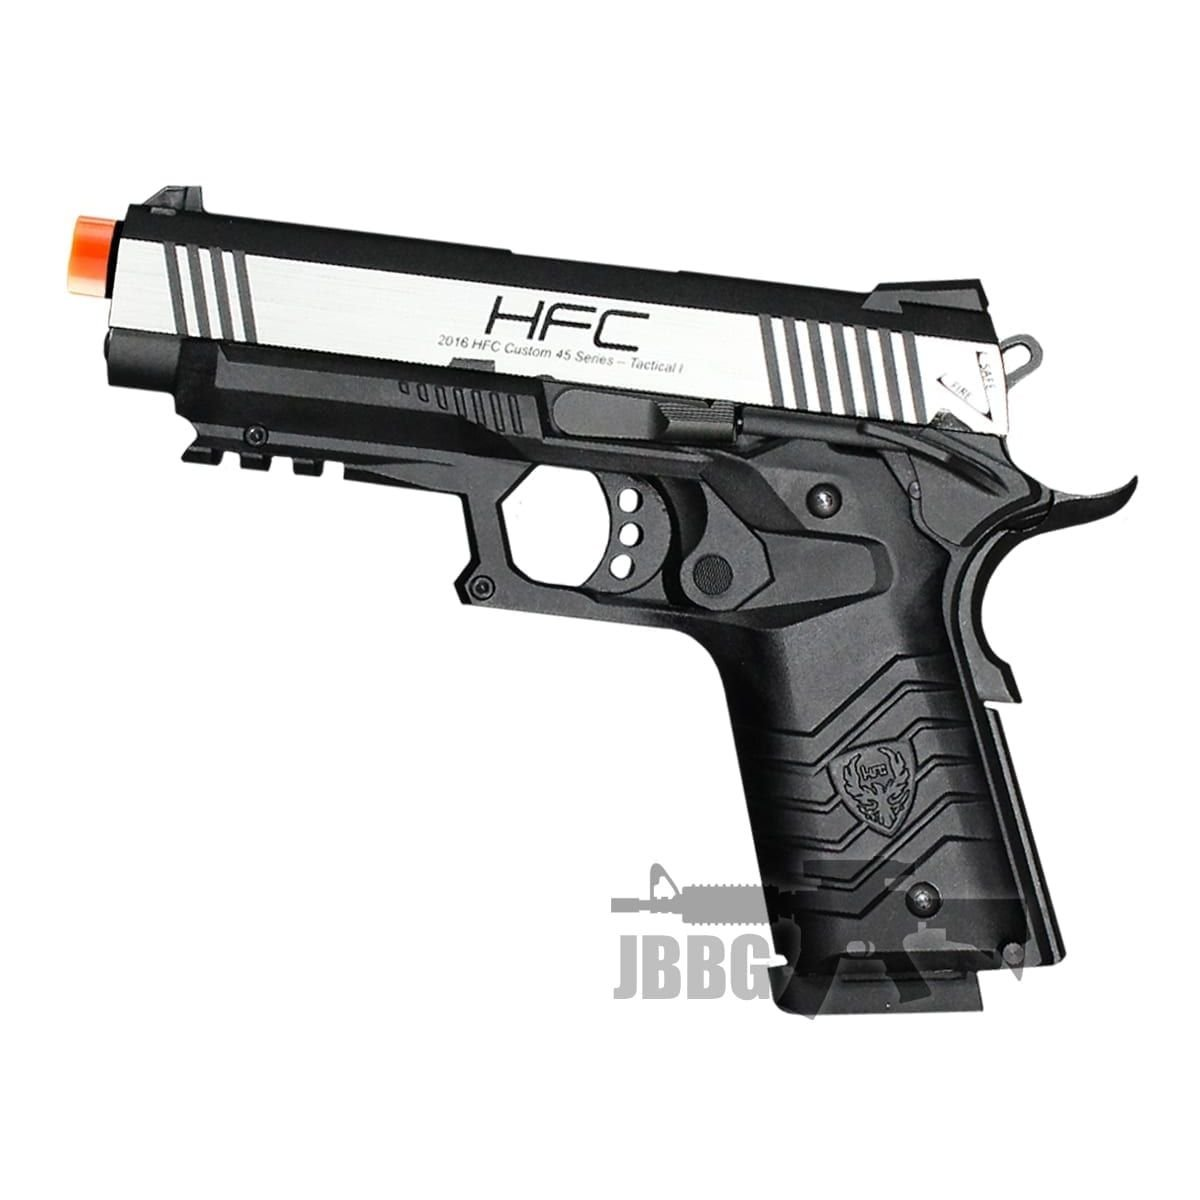 hg171 pistol